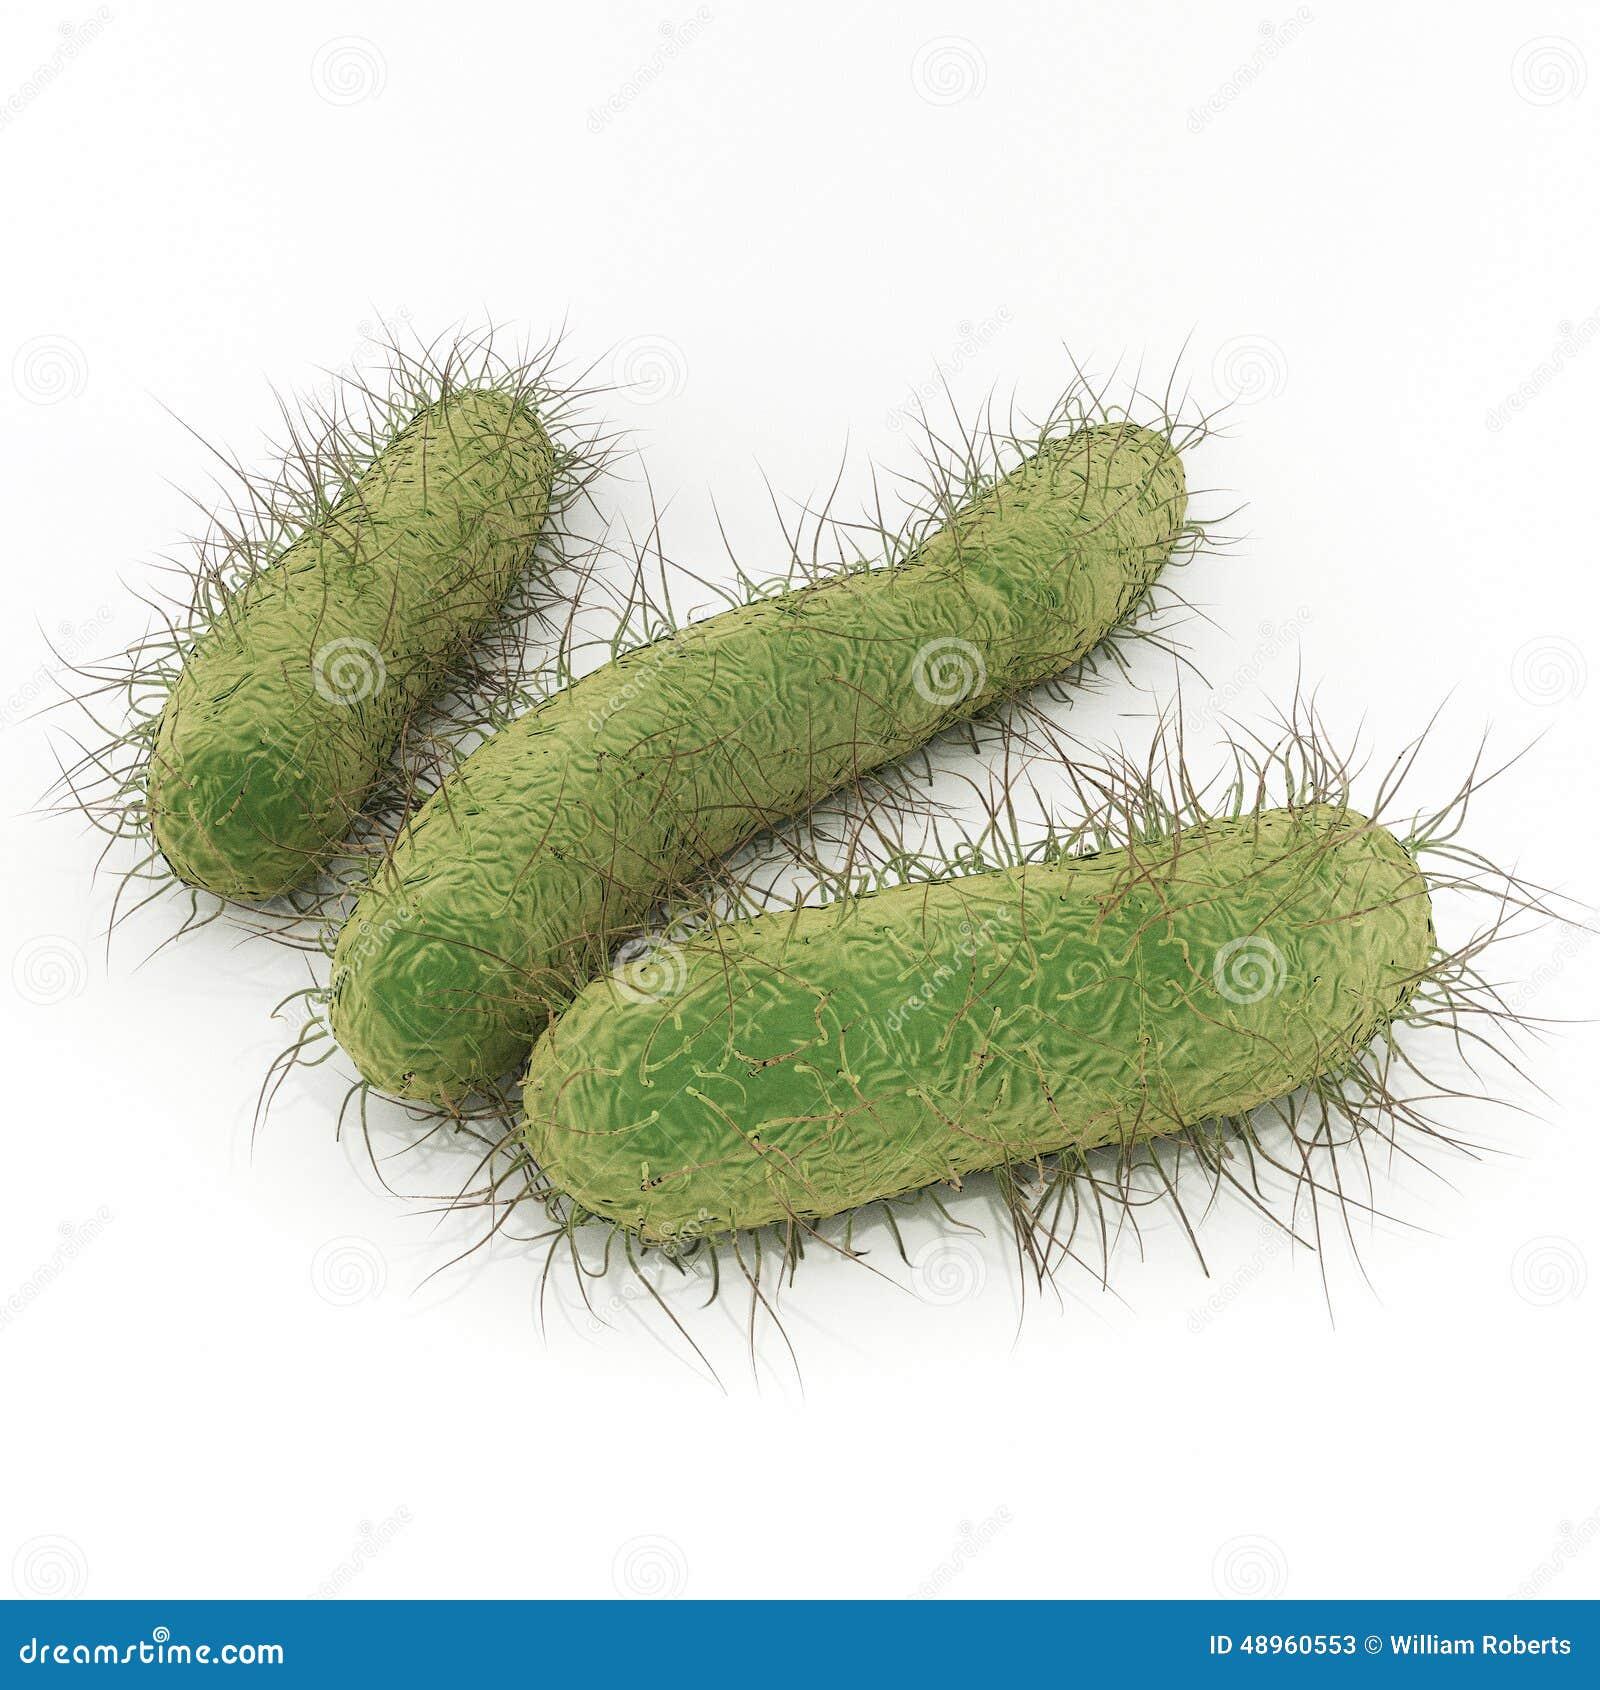 E bakterier coli e